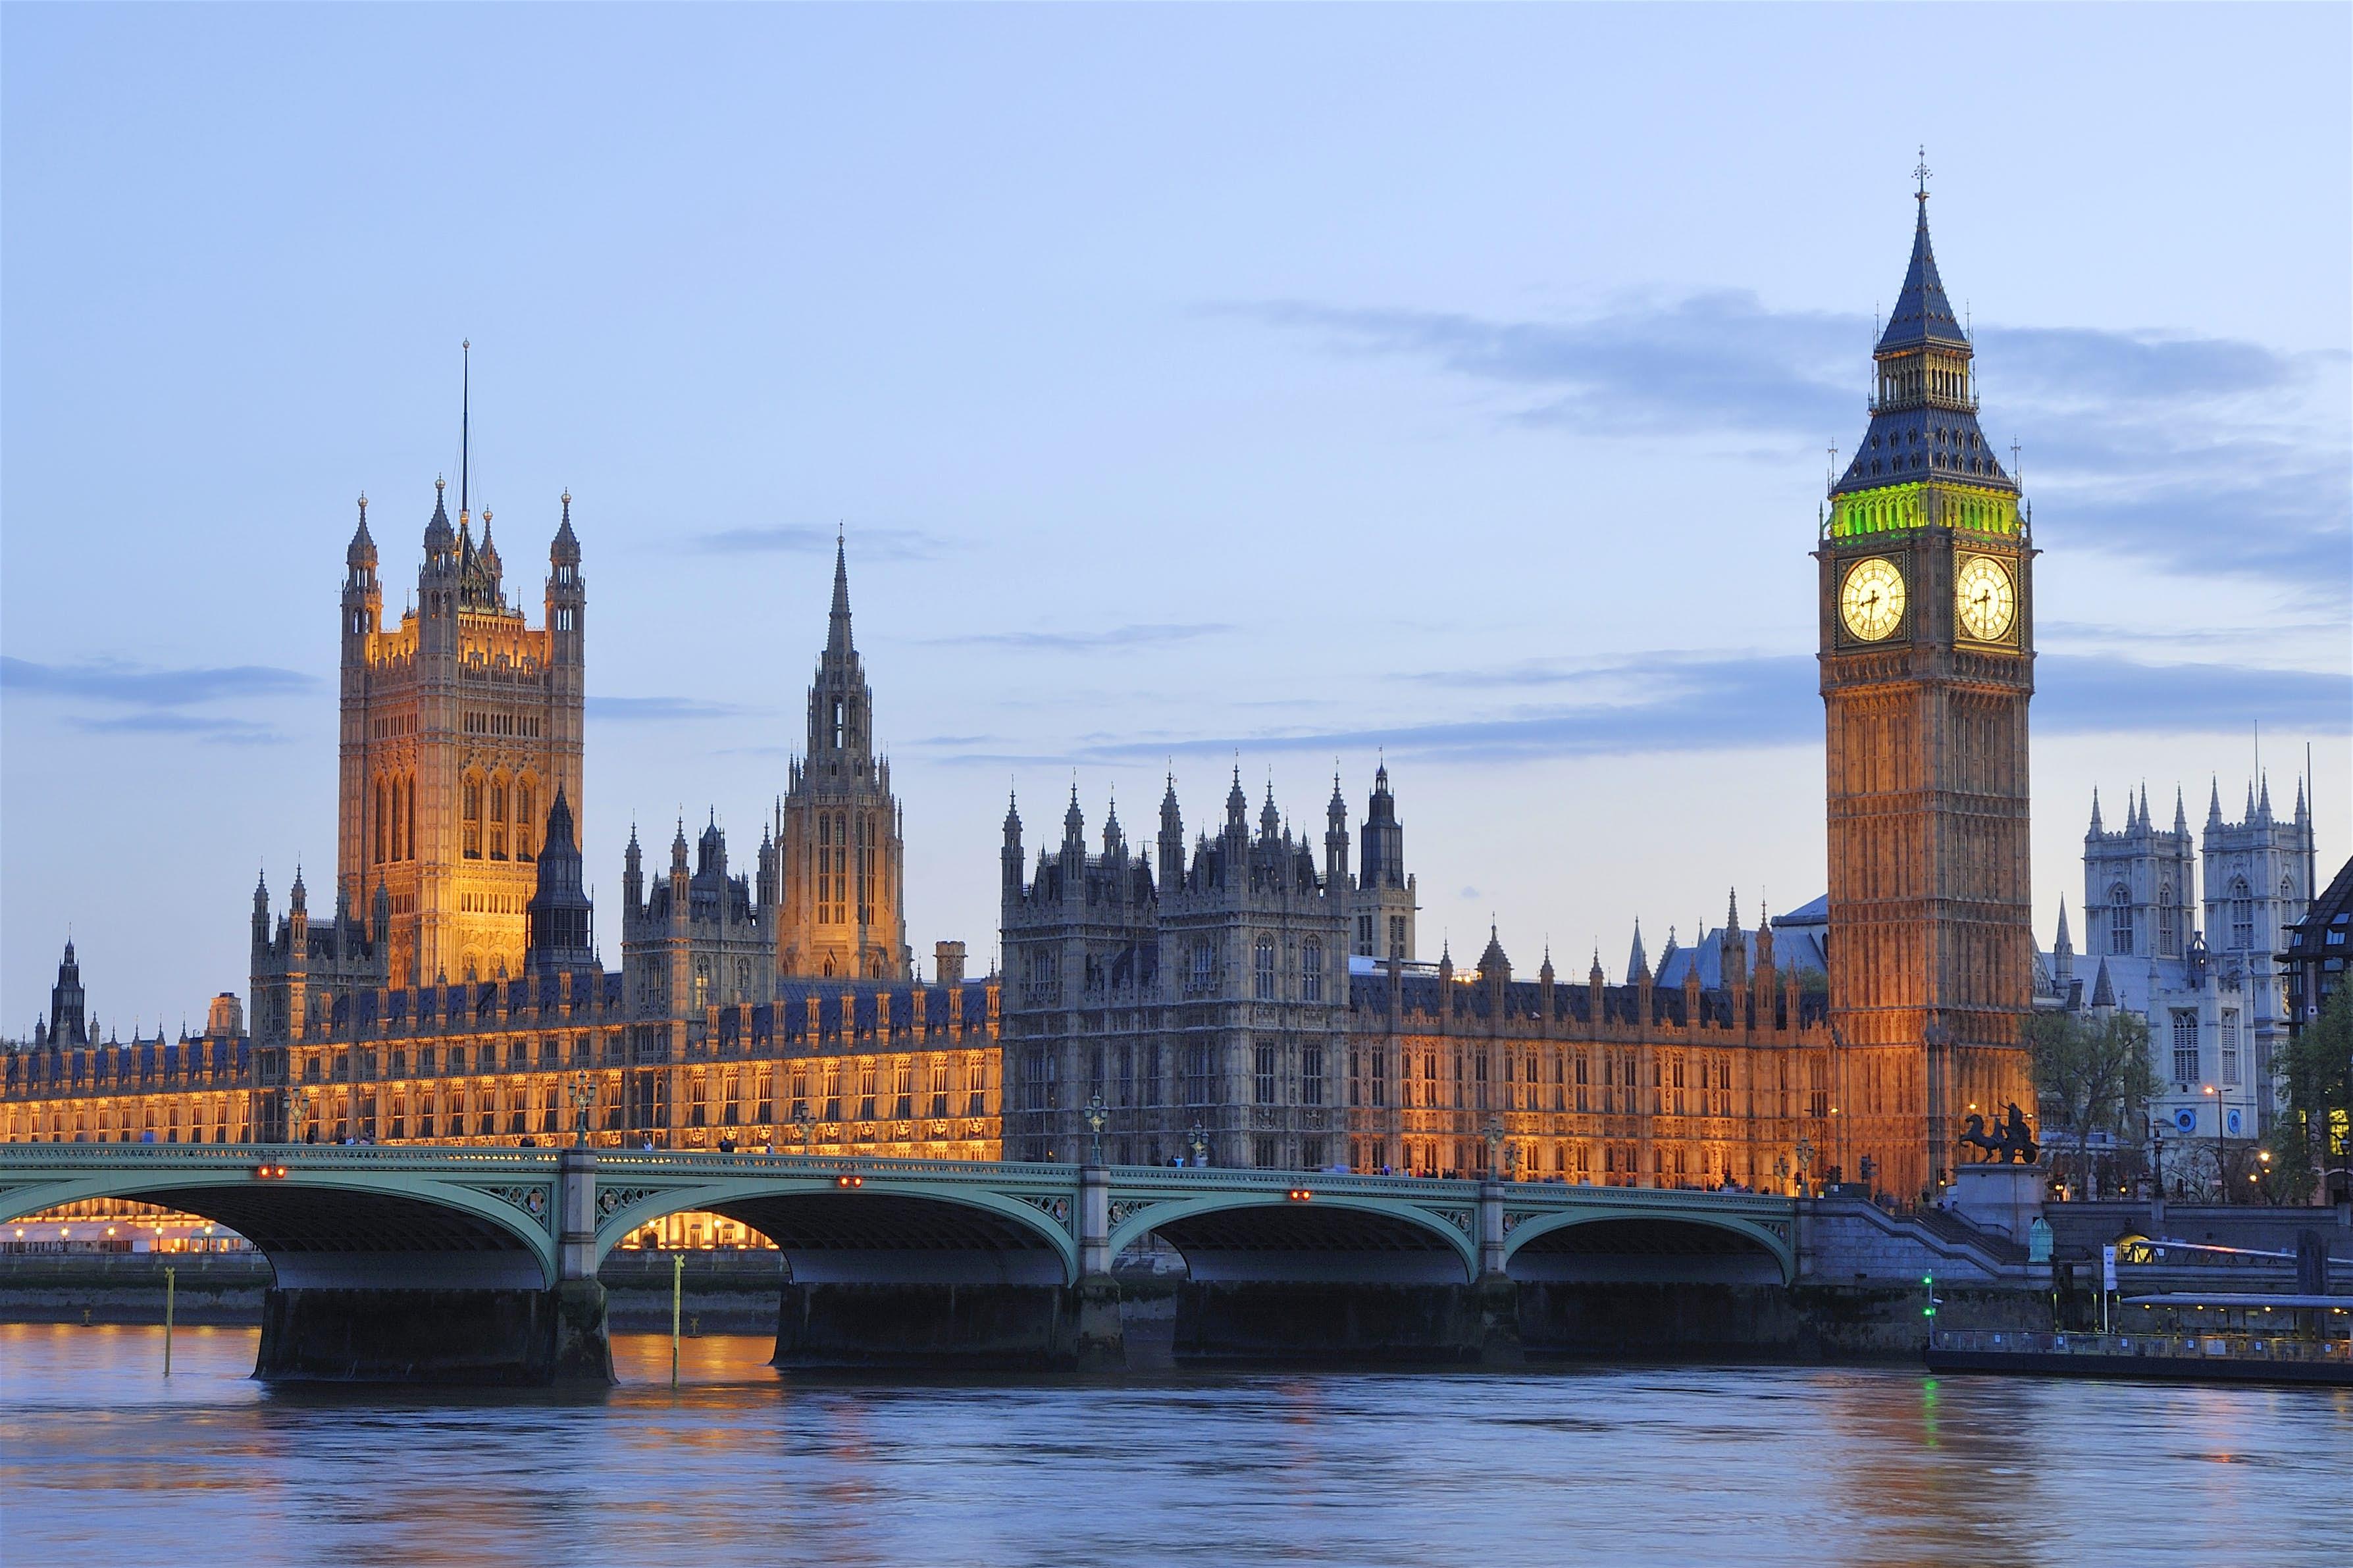 londonas nākotnes vērtspapīru tirdzniecības uzņēmumi metatrader 4 brokeri